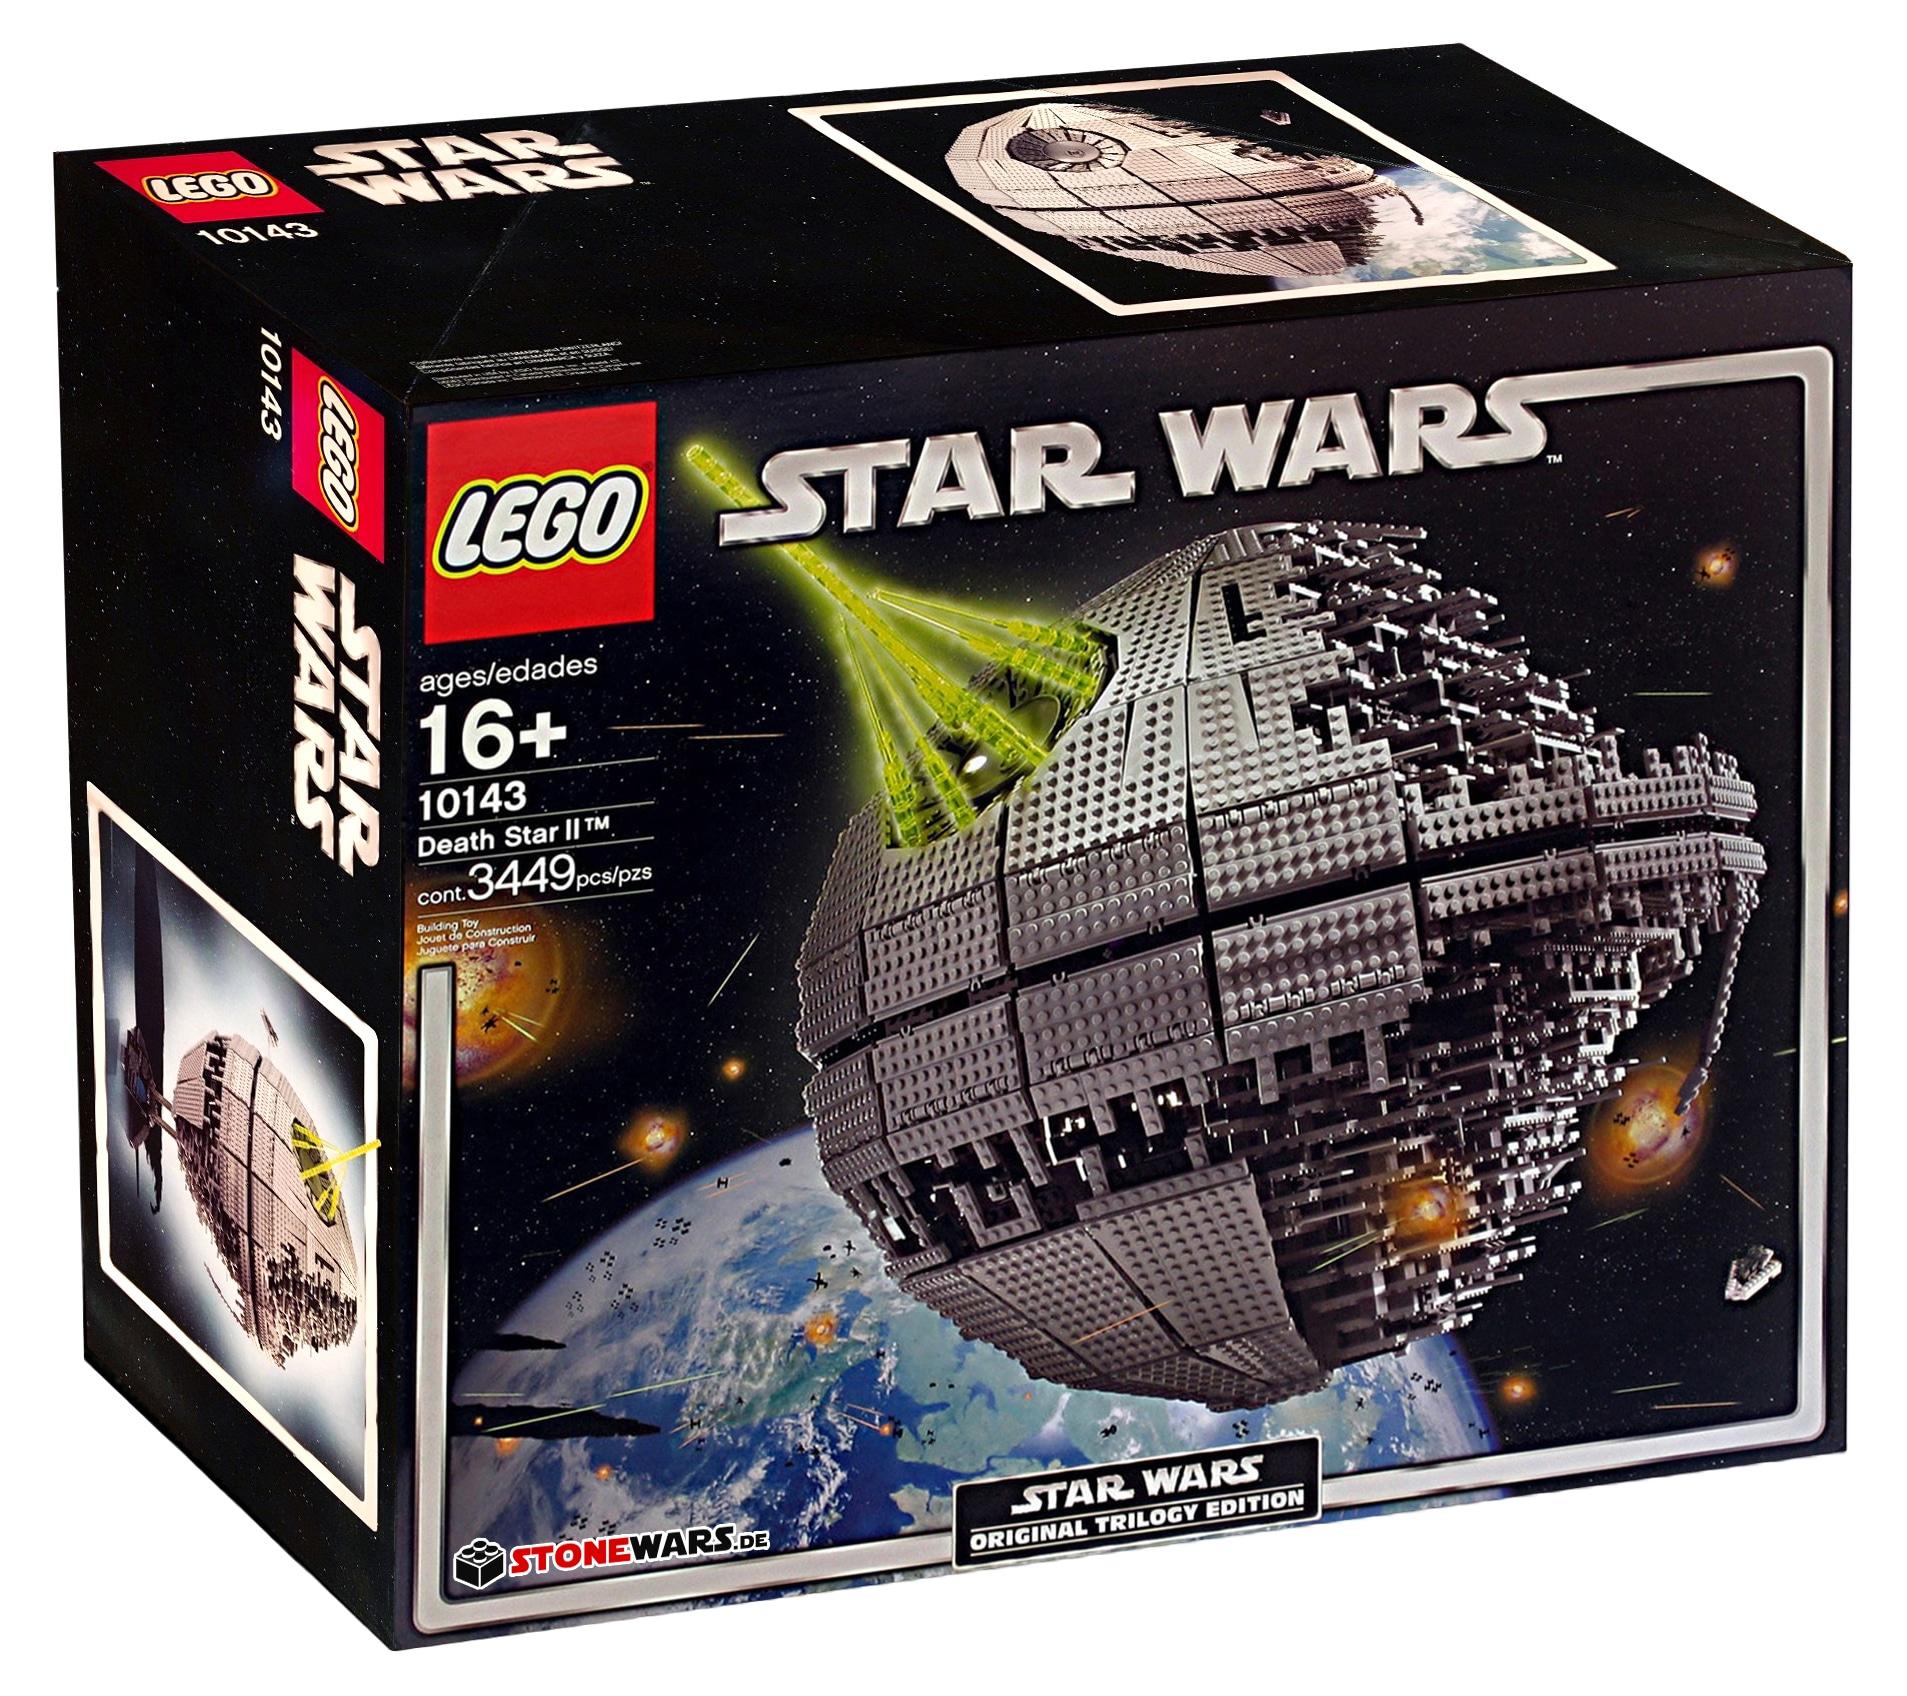 LEGO 10143 Todesstern II Box